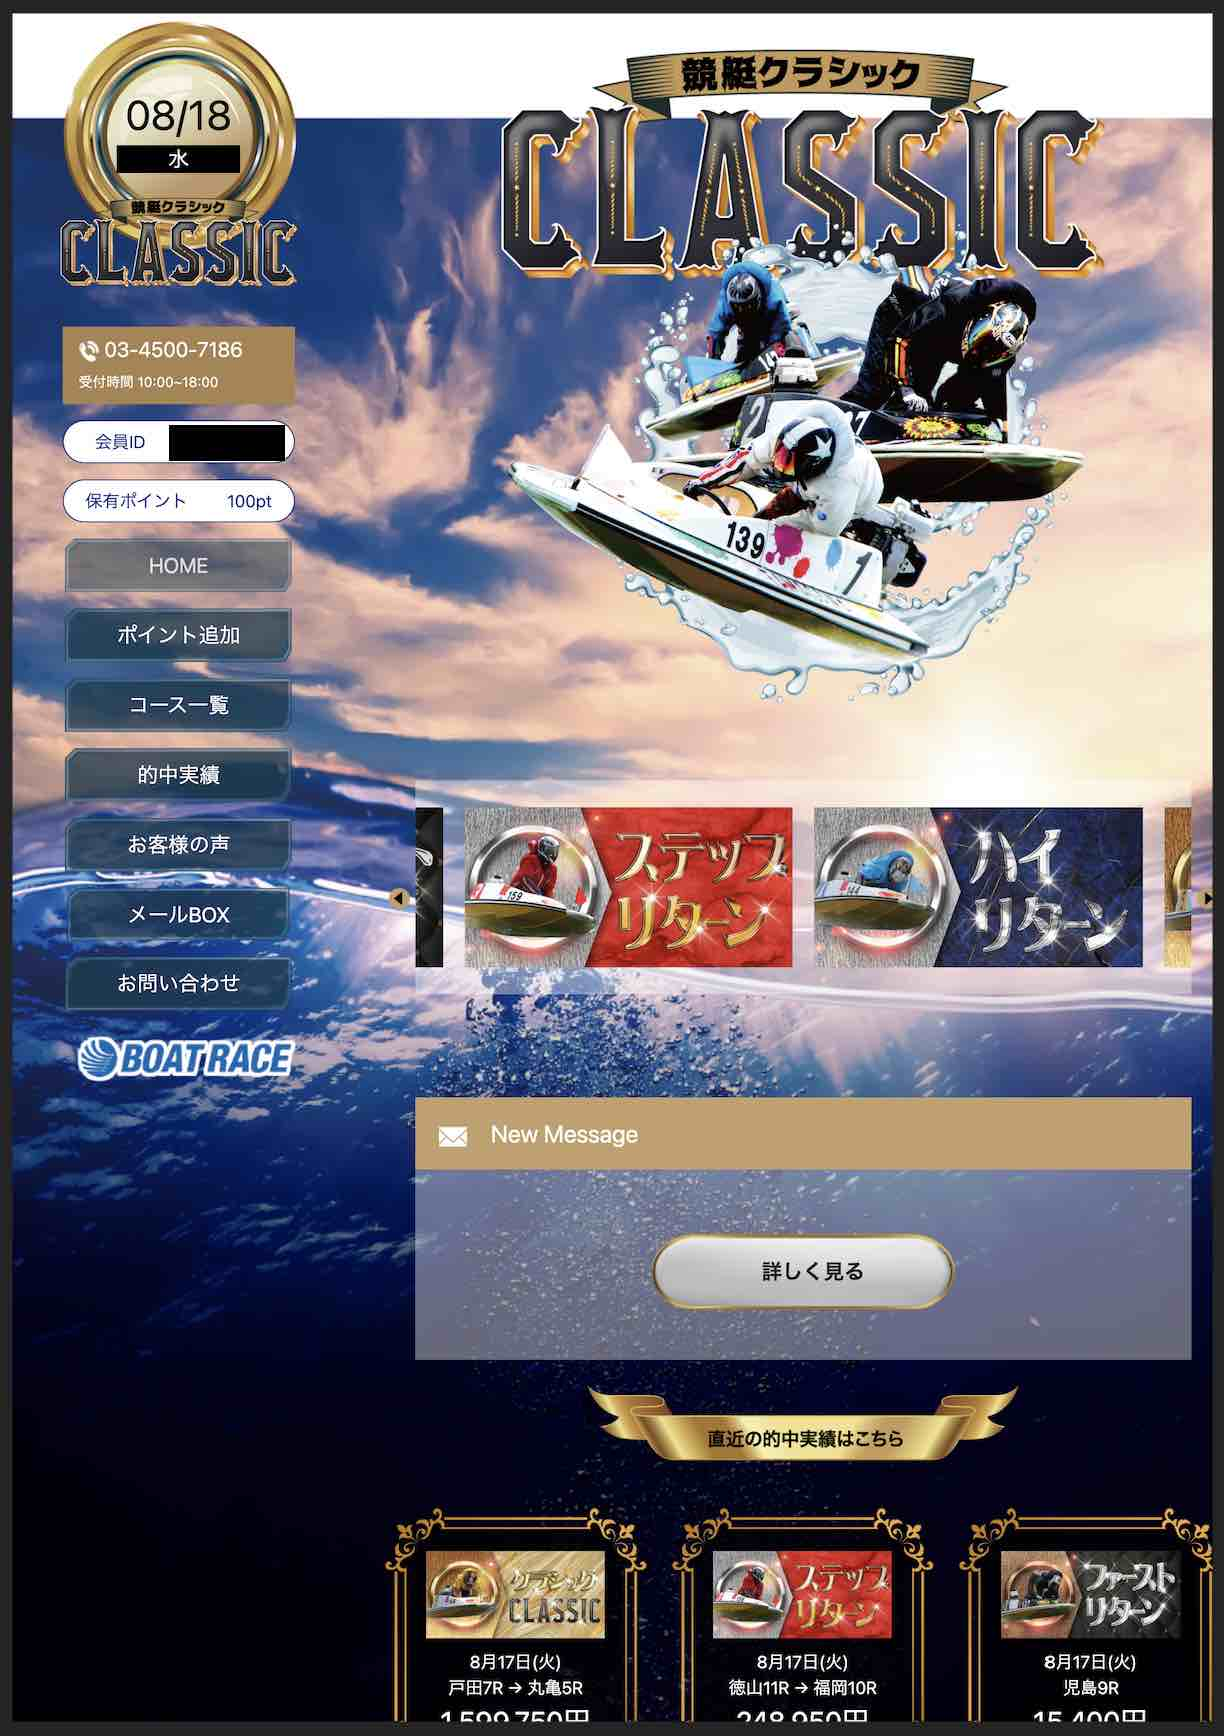 競艇クラシックという競艇予想サイトの会員ページ